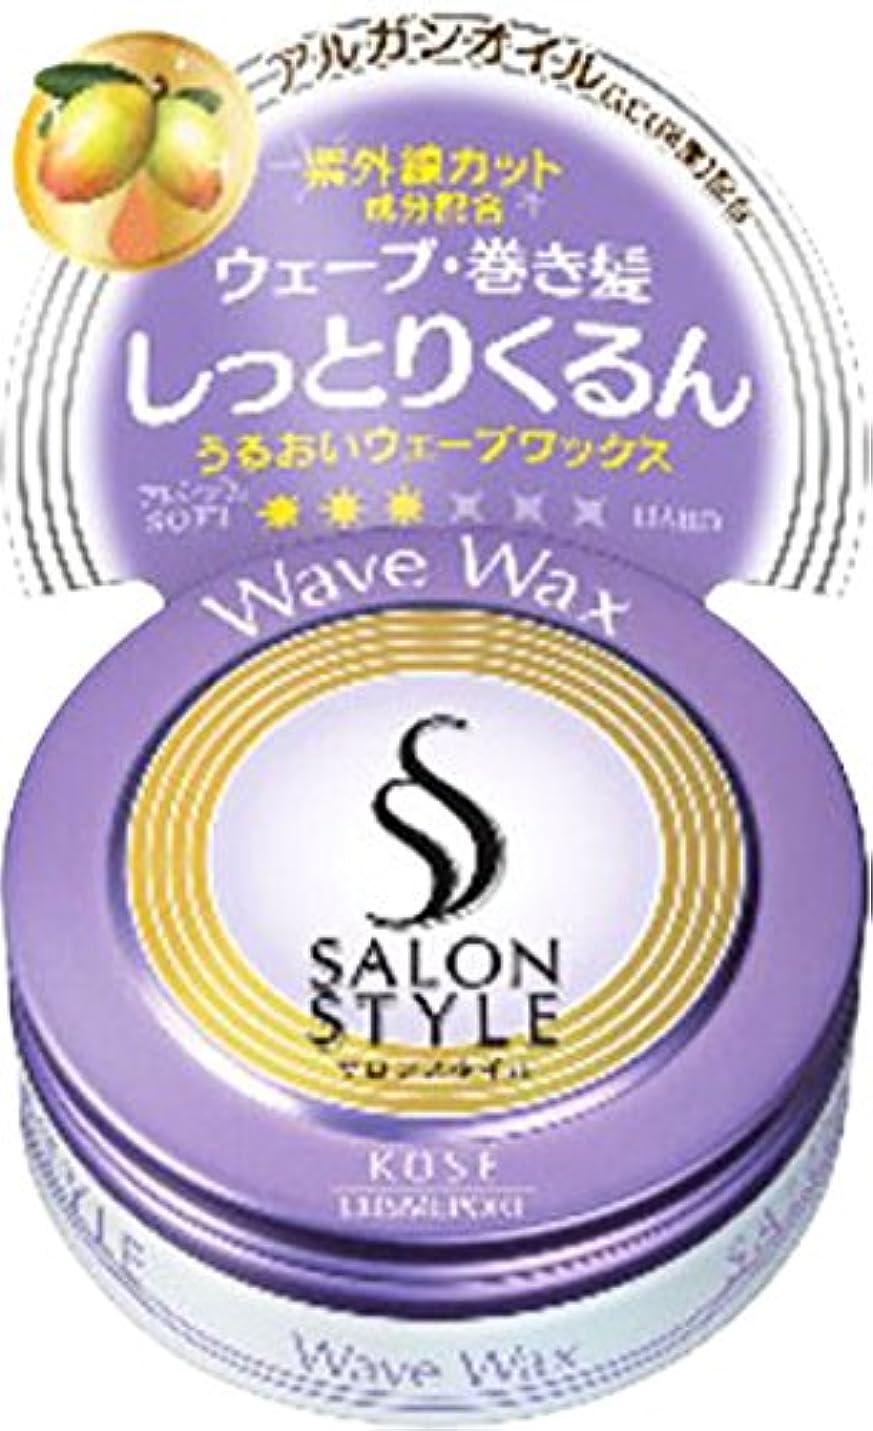 組み合わせ嫌いKOSE コーセー SALON STYLE(サロンスタイル) ヘアワックスD ぷるるんウェーブ ミニ 22g